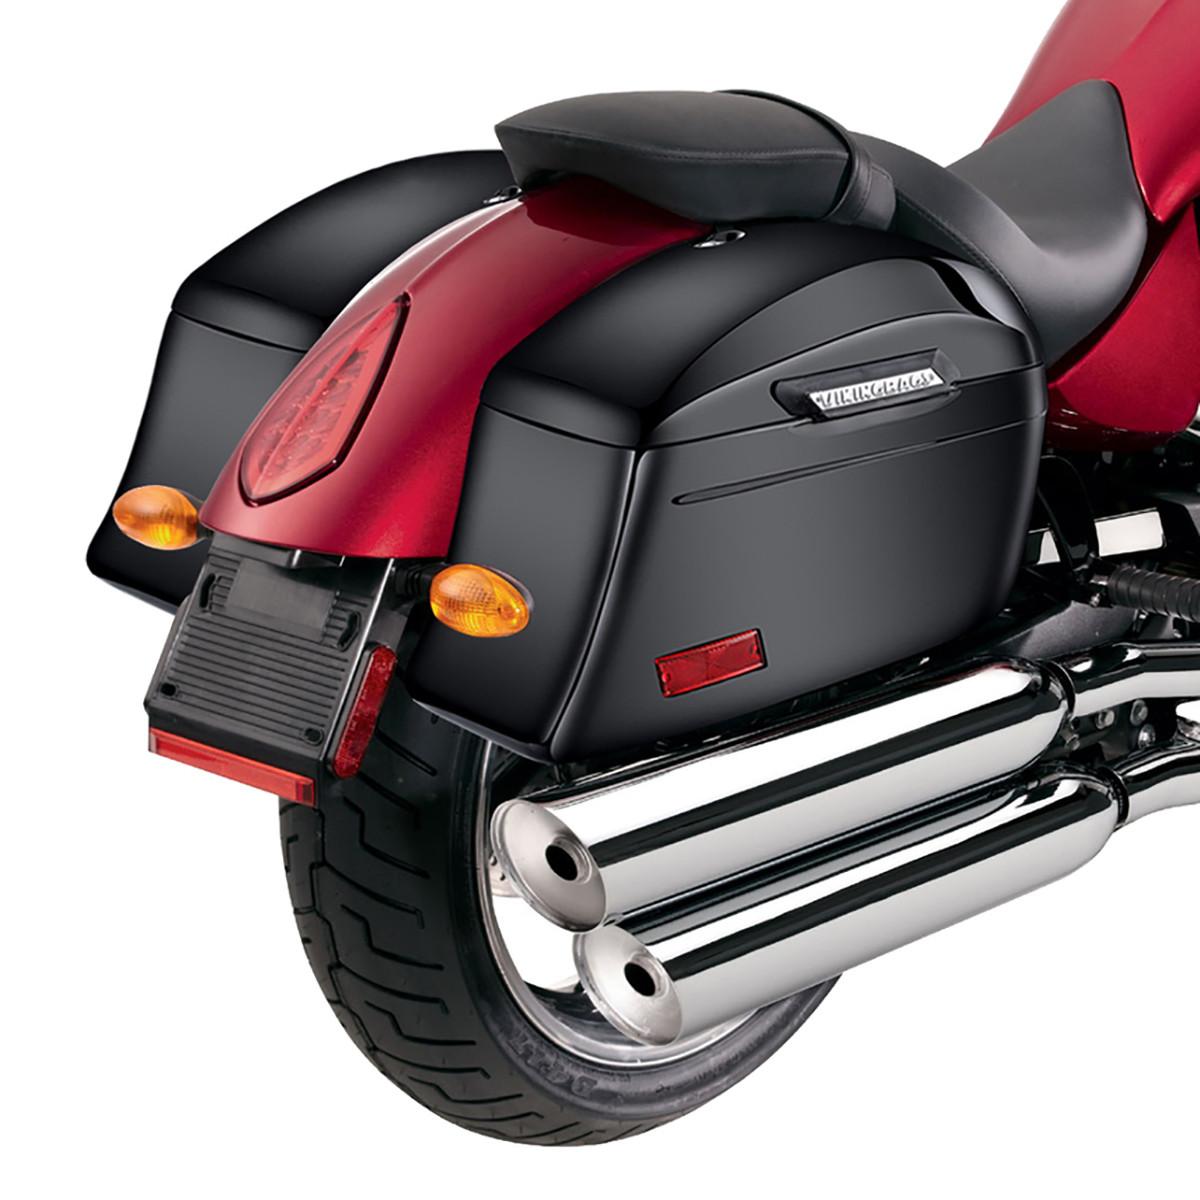 Viking Lamellar Slanted Painted Motorcycle Hard Saddlebags Back on Bike View